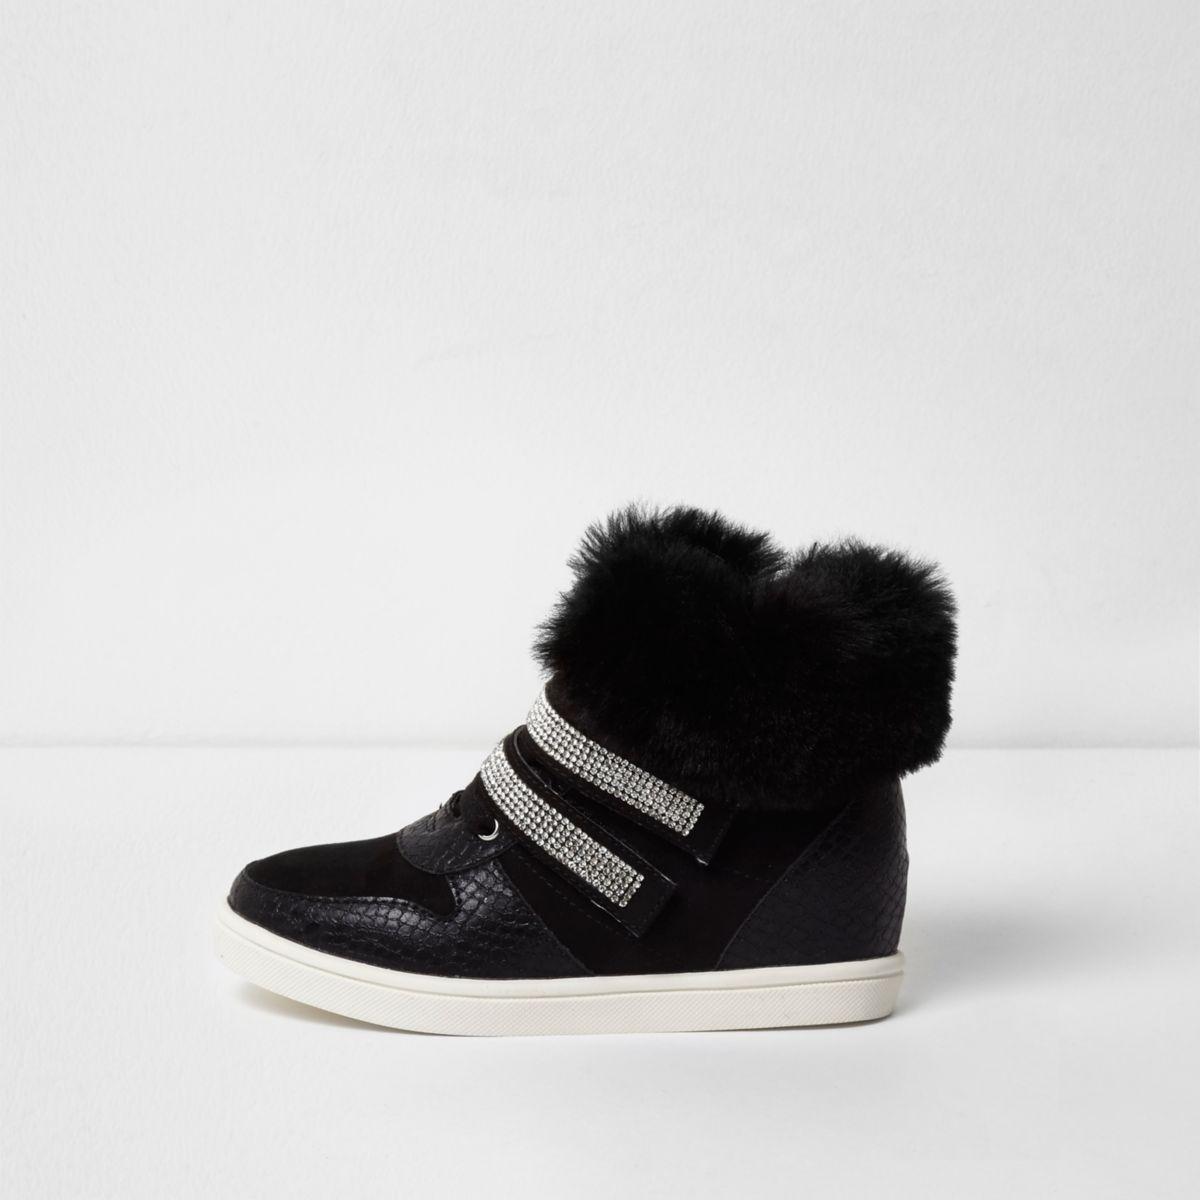 Girls black faux fur hi top sneakers